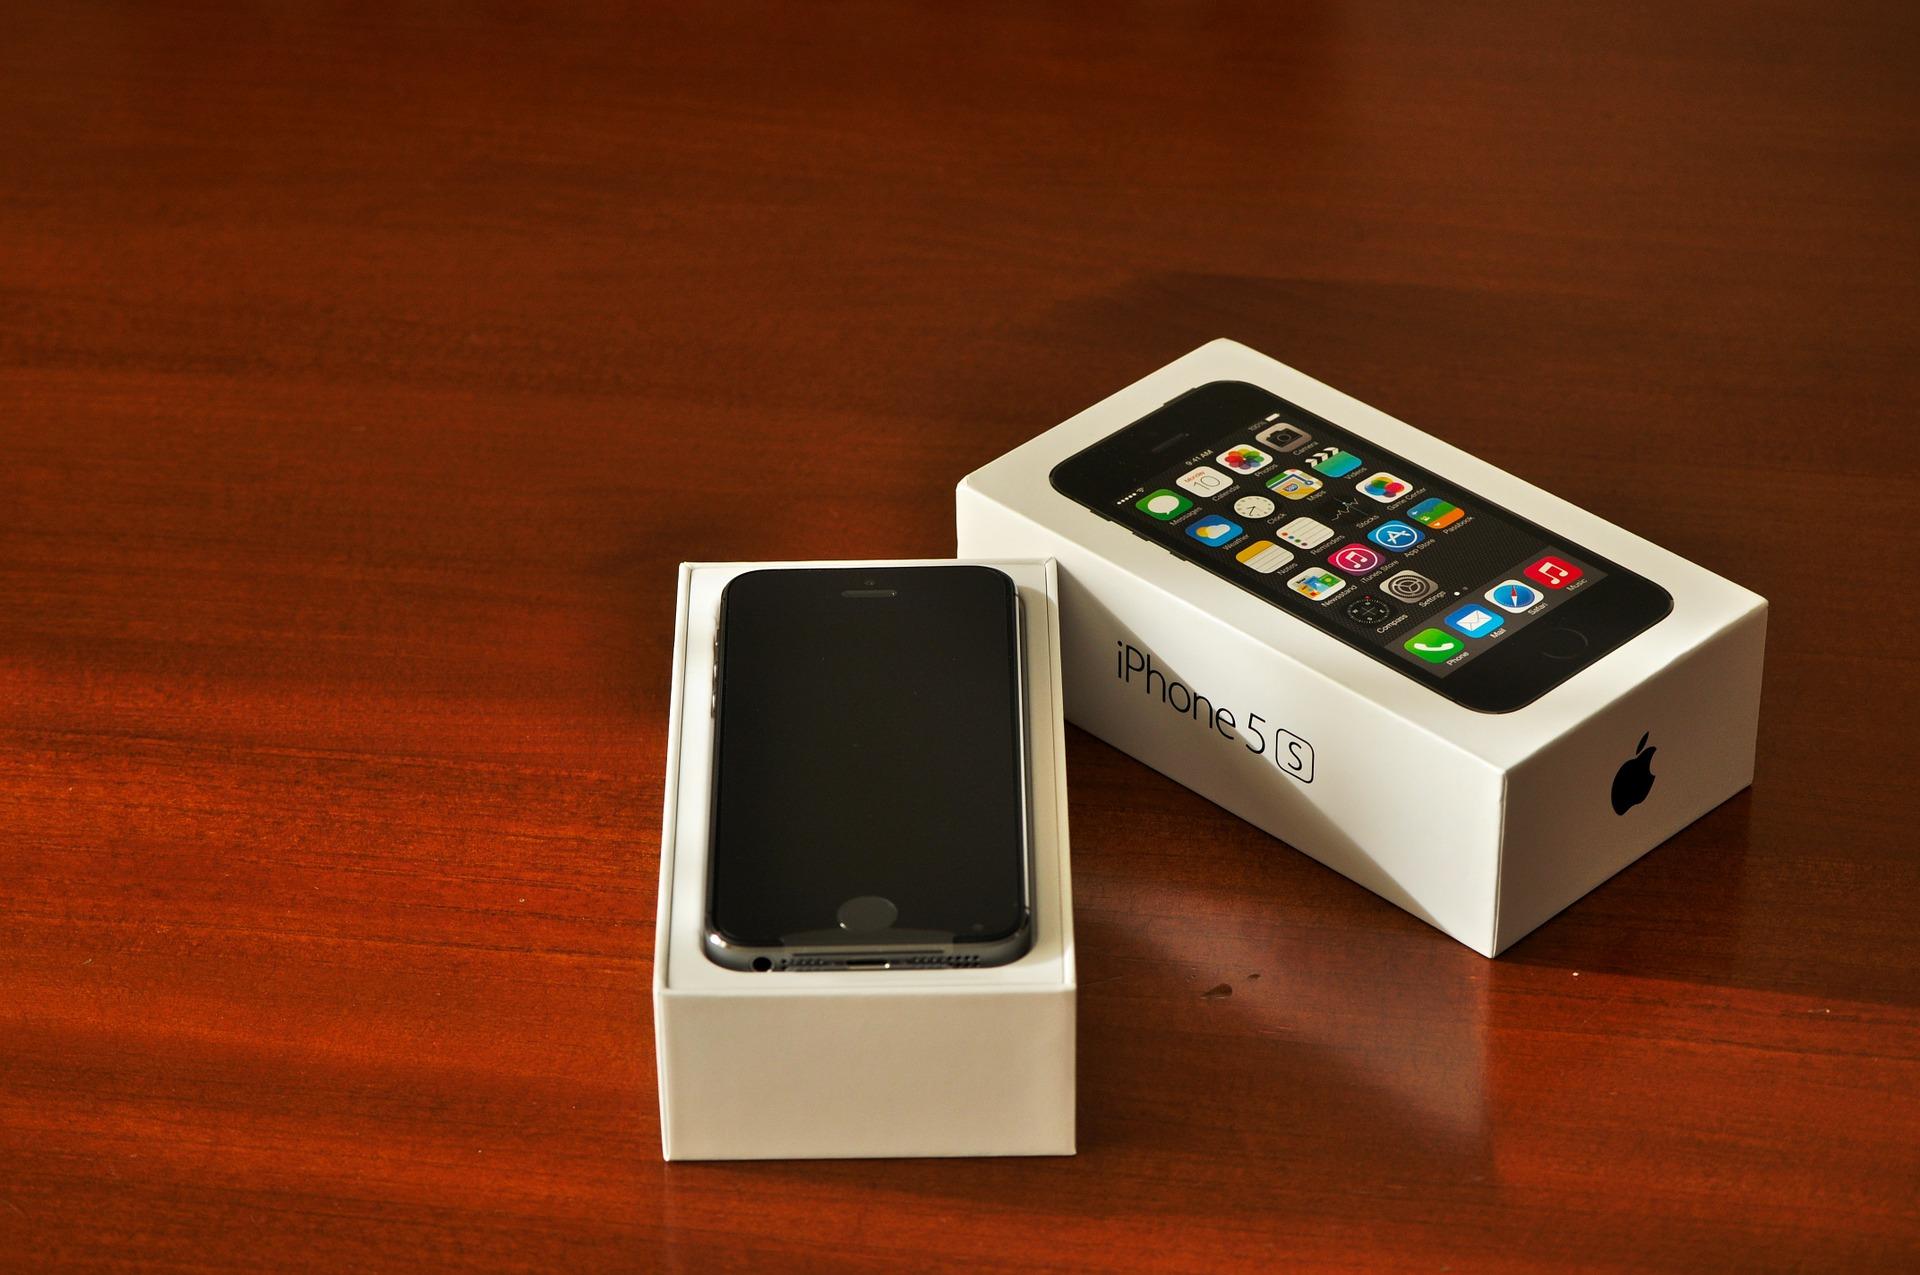 iPhoneのメルカリ出品方法 出品・購入時の注意点まとめ